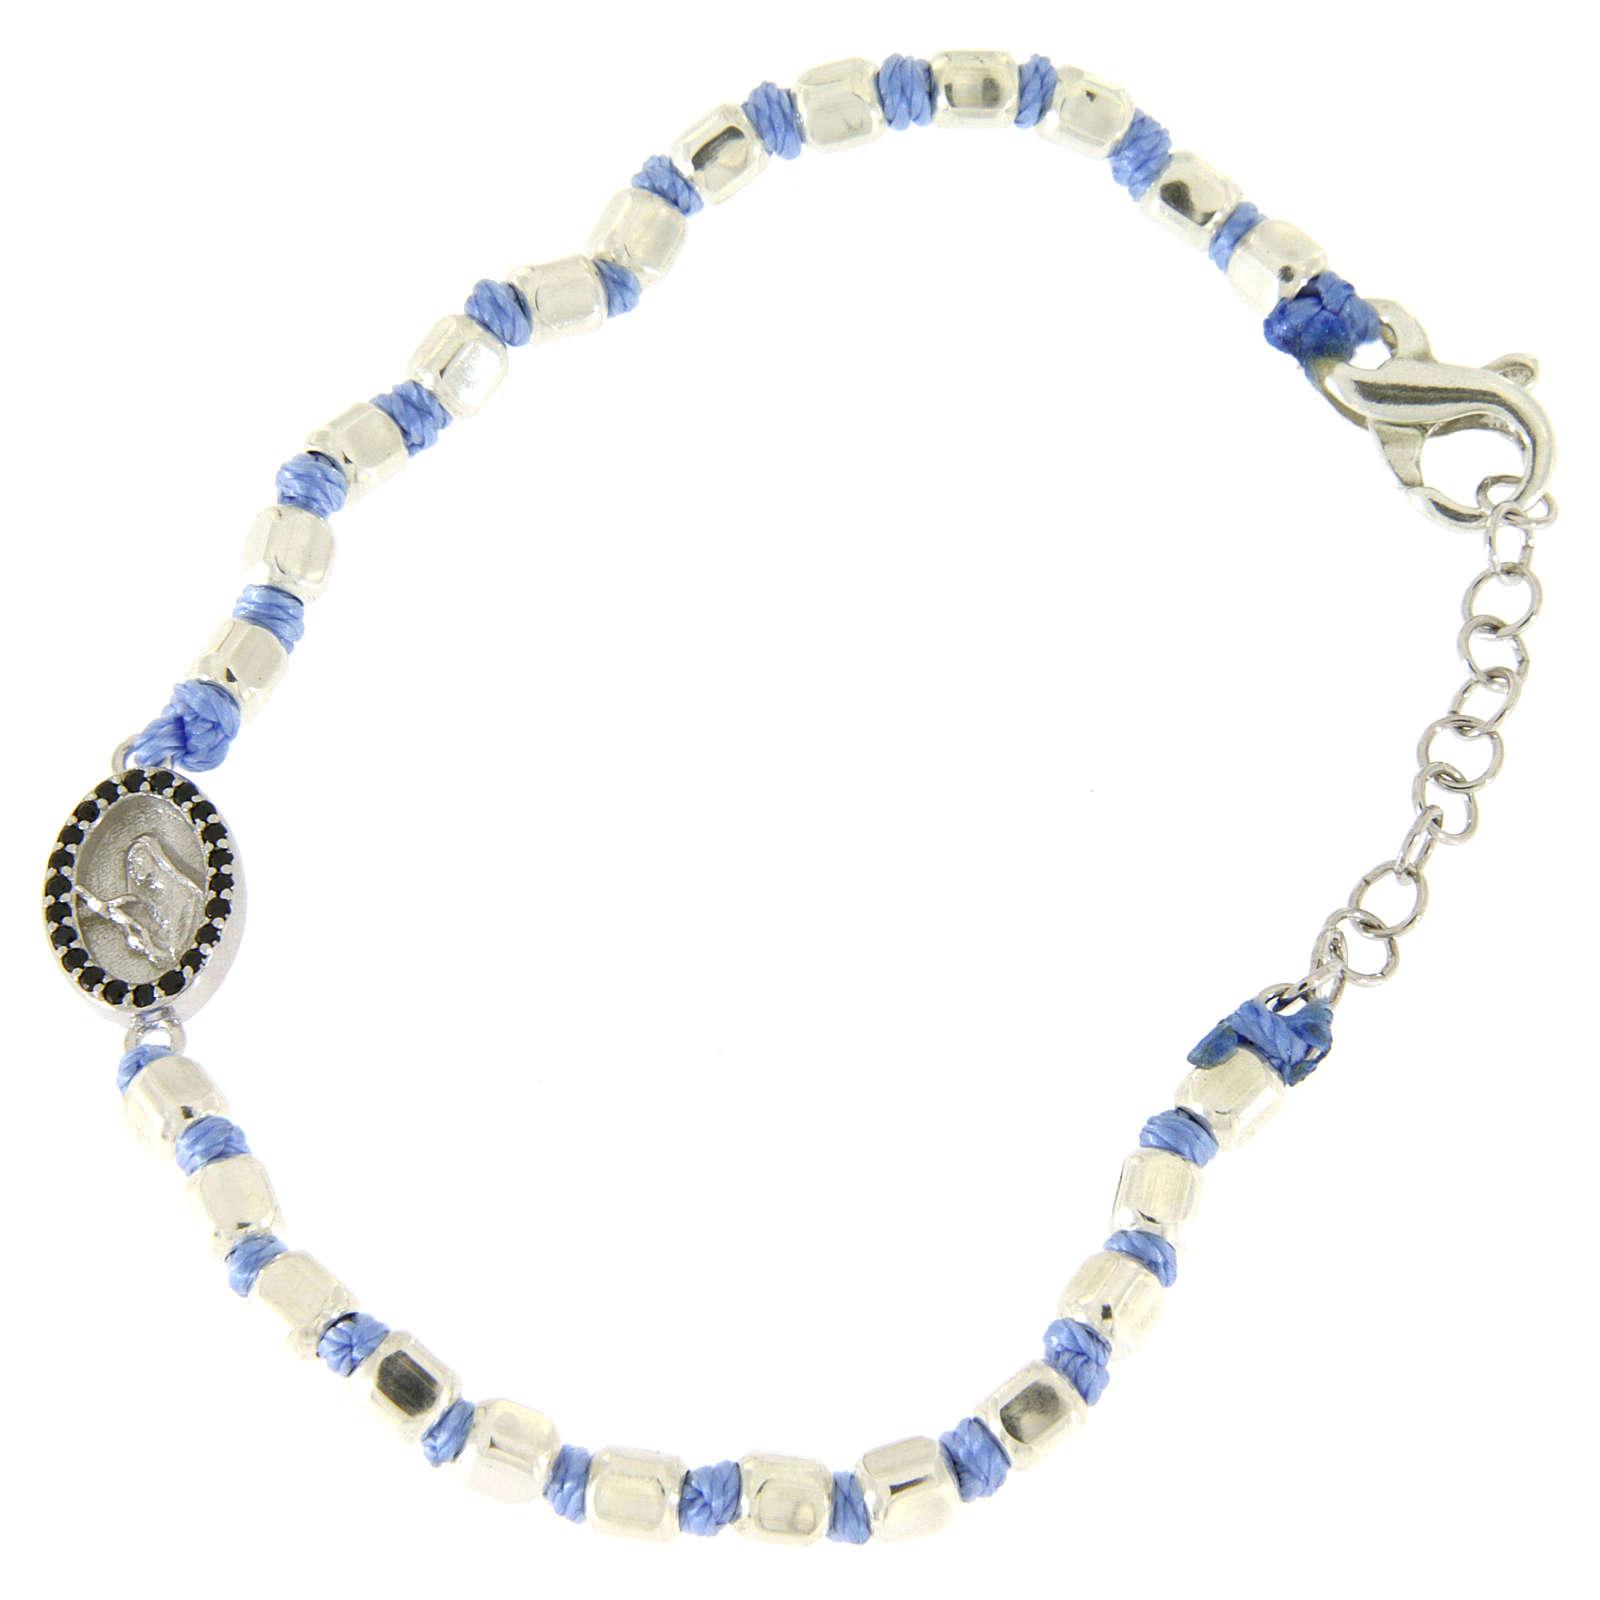 Pulsera esferas talladas plata 2 mm, cuerda con nudos azul, pequeña medalla S. Rita zircones negros 4